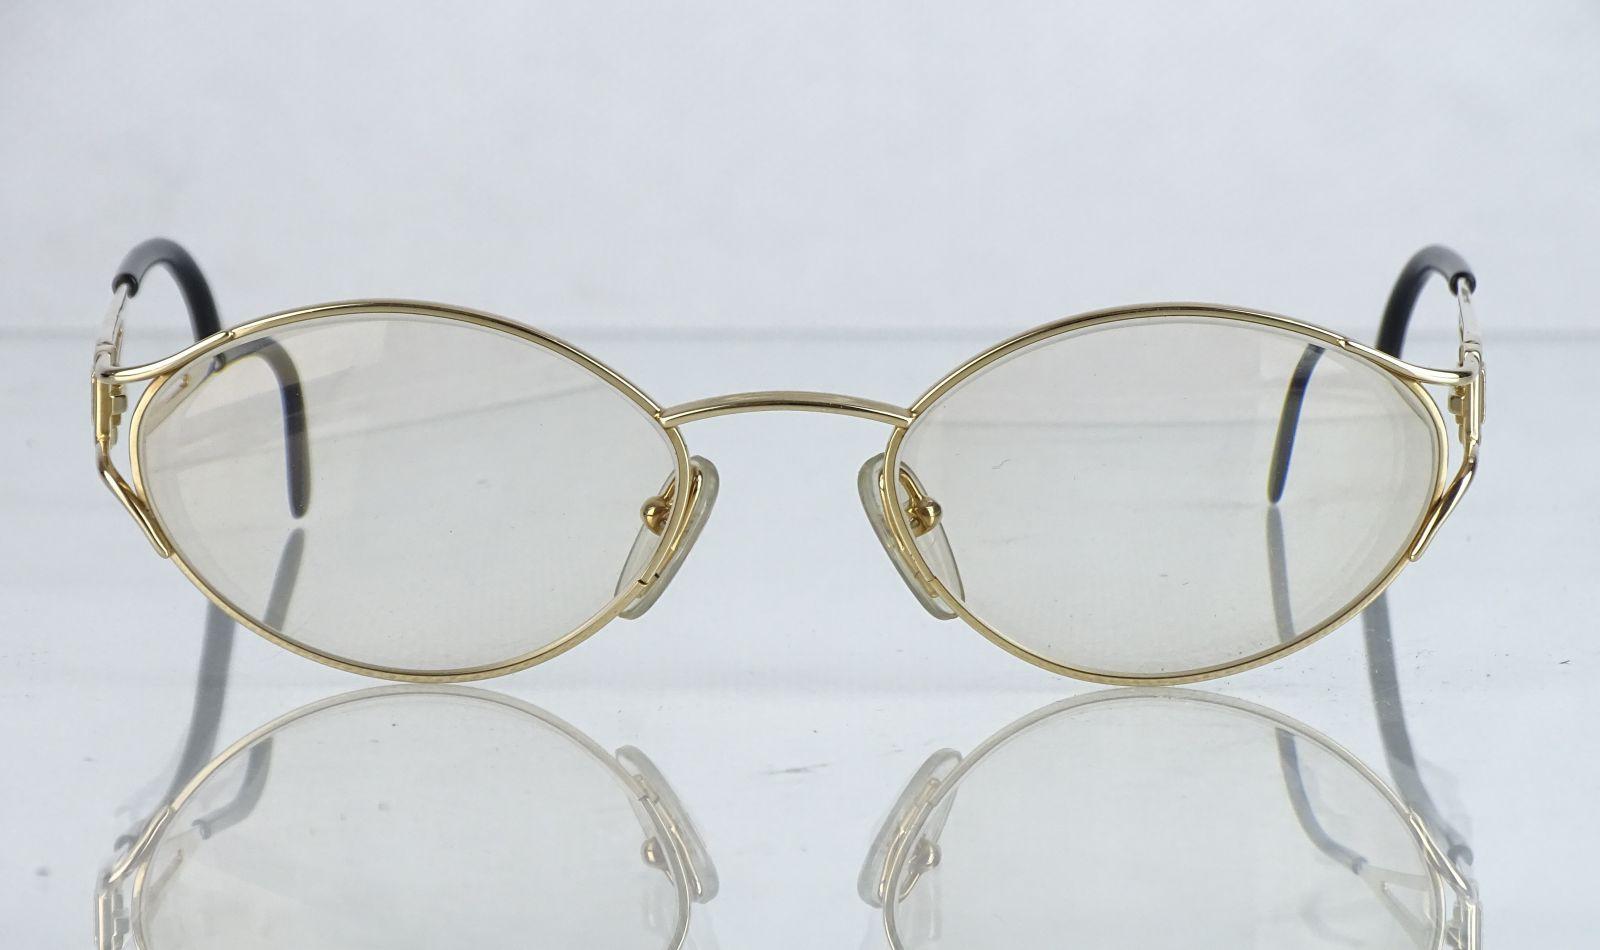 0L136 GIVENCHY dioptriás női szemüveg tokjában - 38000 Ft ... 3fc86aa06c